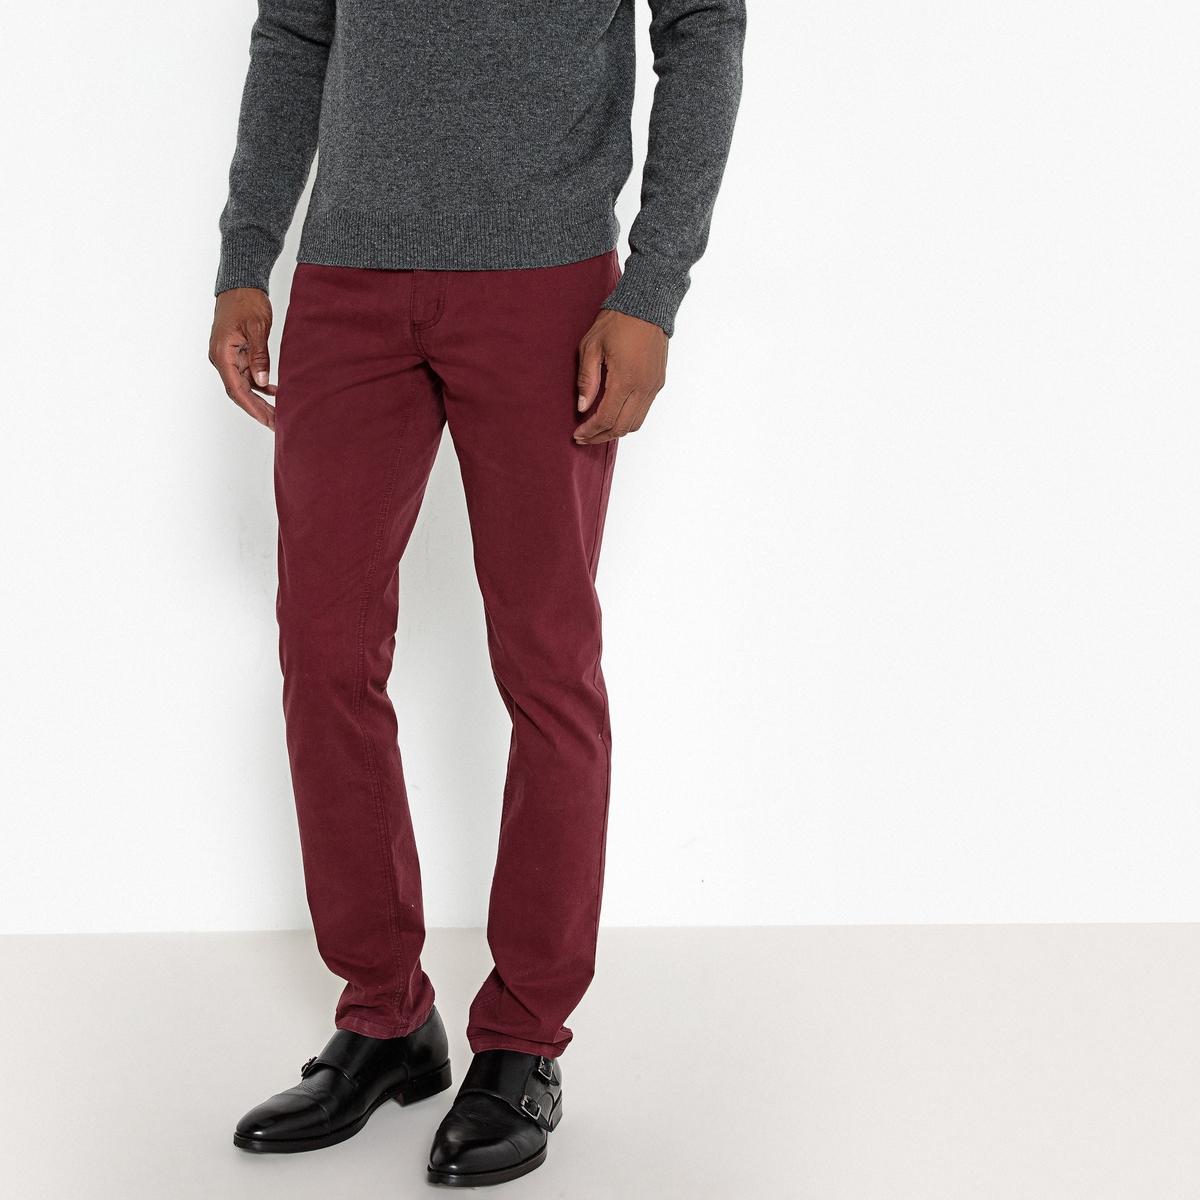 Pantaloni ANTOINE taglio slim